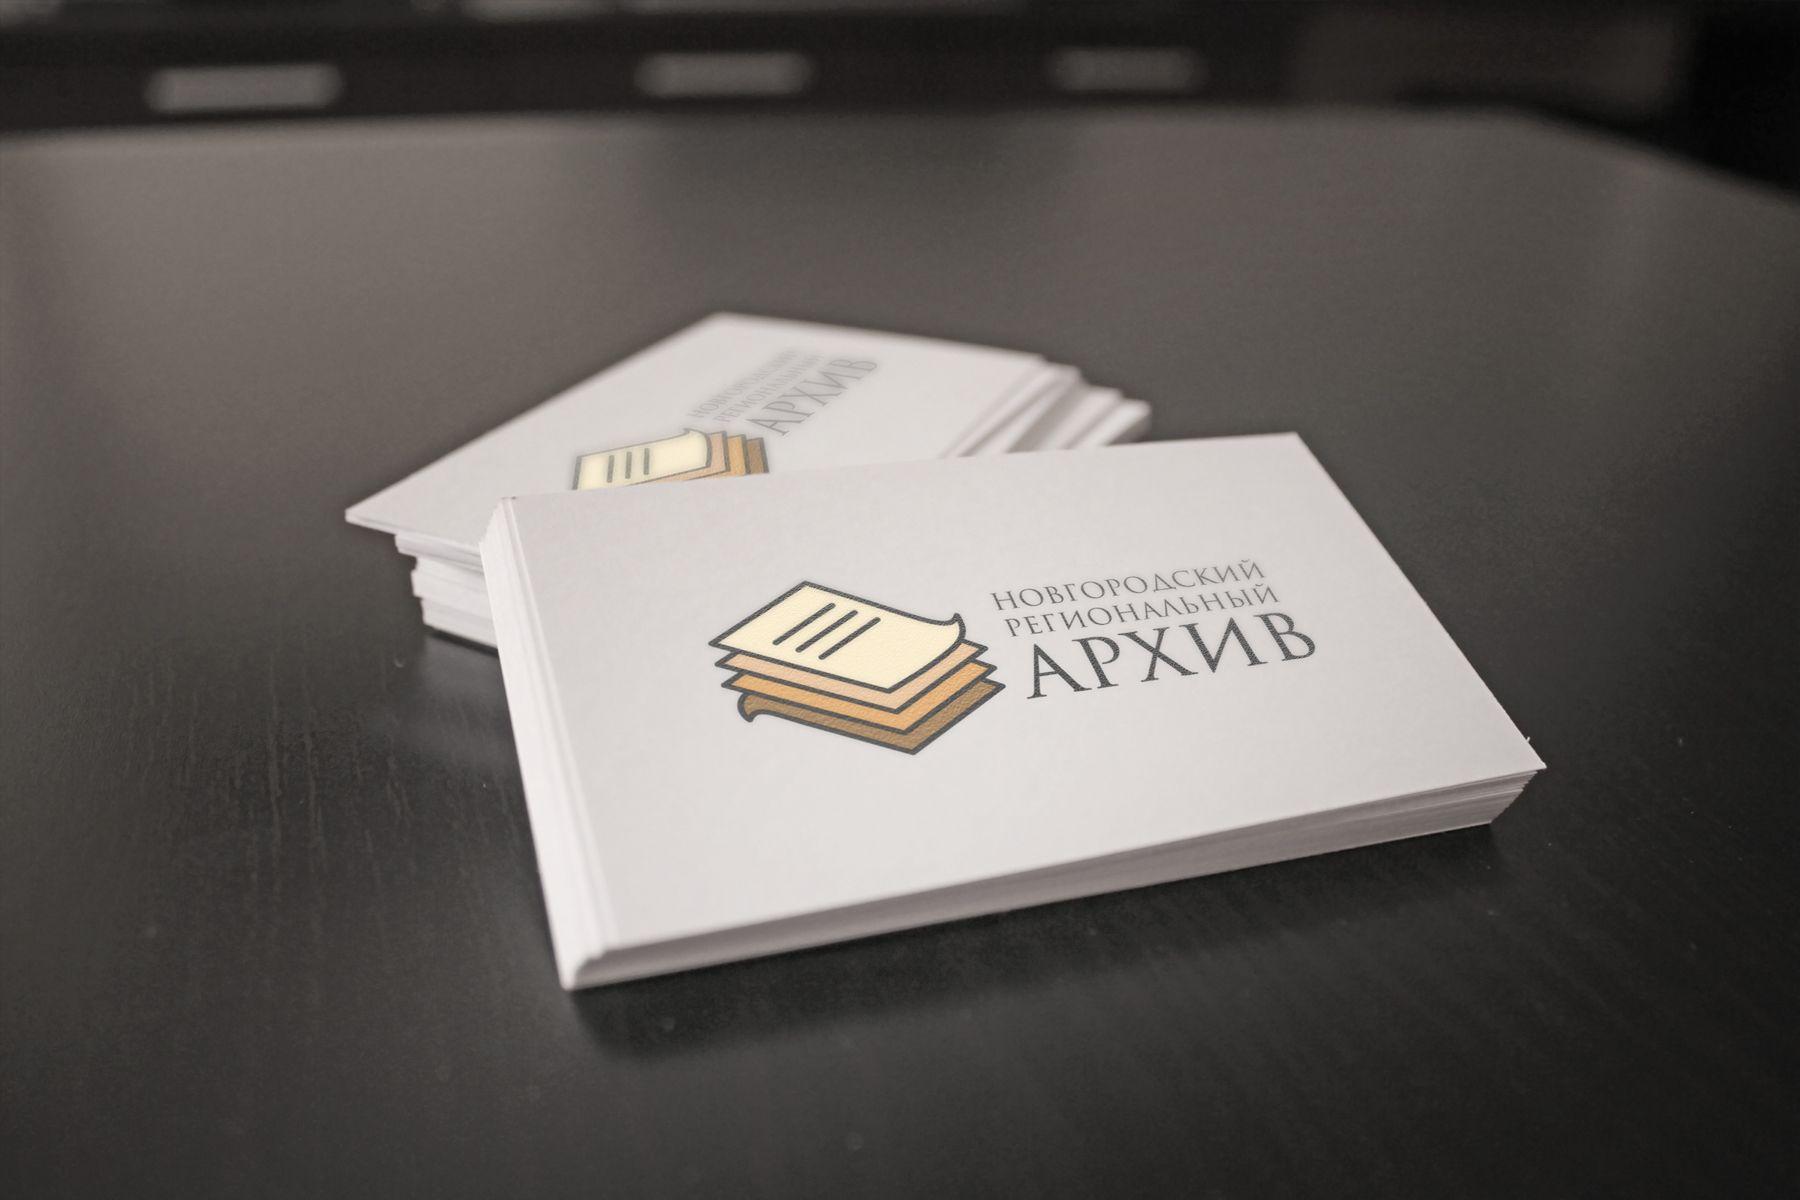 Логотип и фирменный стиль архива - дизайнер Chameleon0107